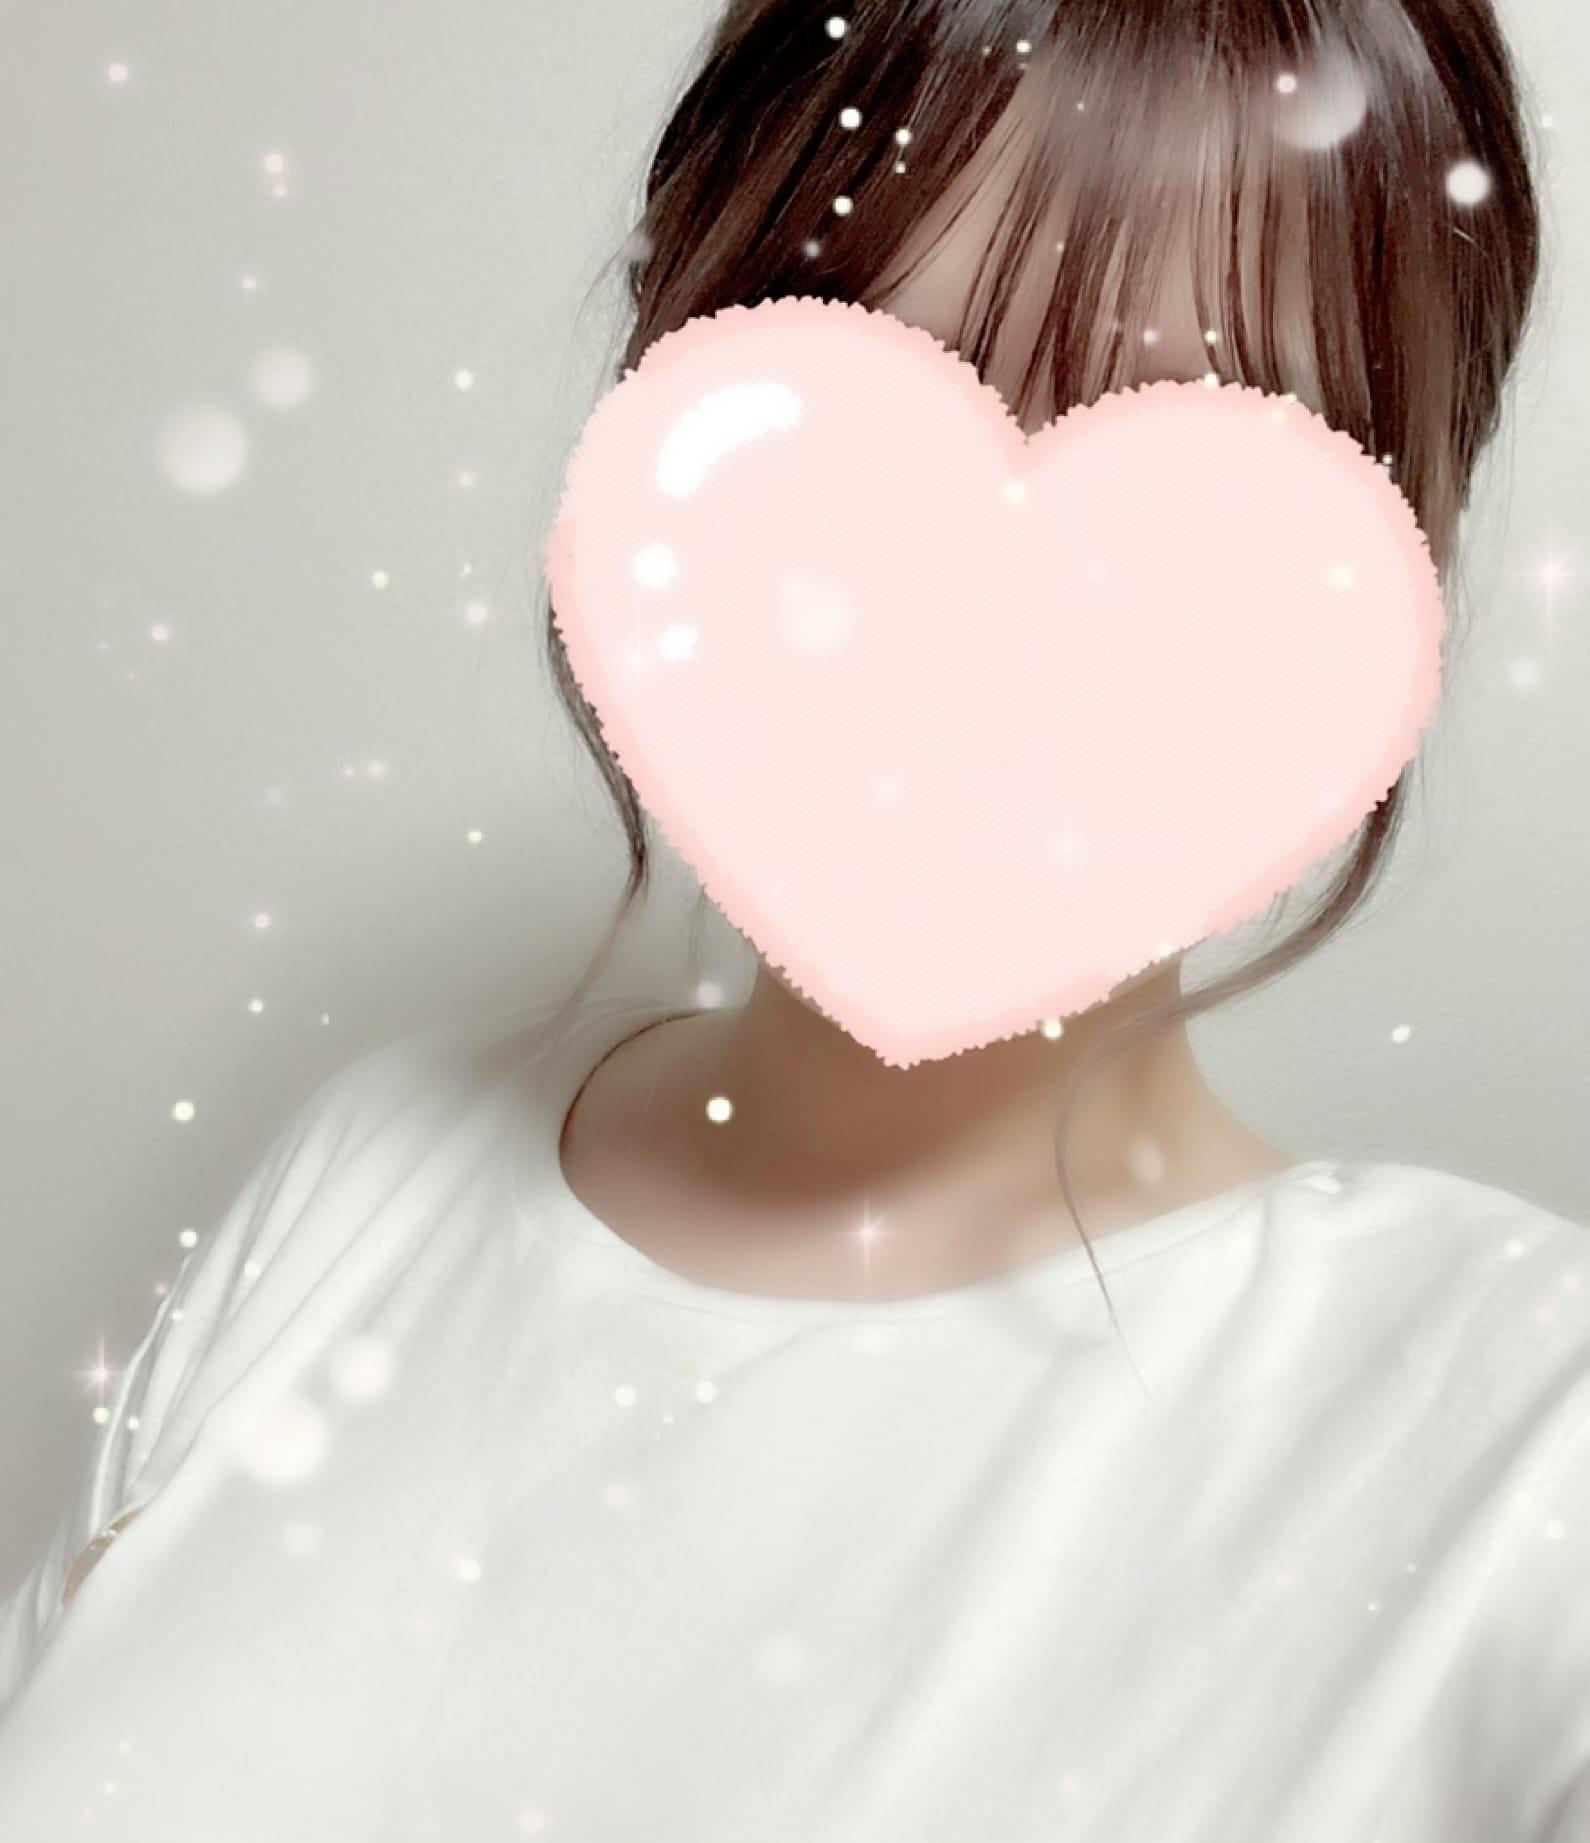 「たのしかった ♡」10/25(月) 19:18   ふたばの写メ